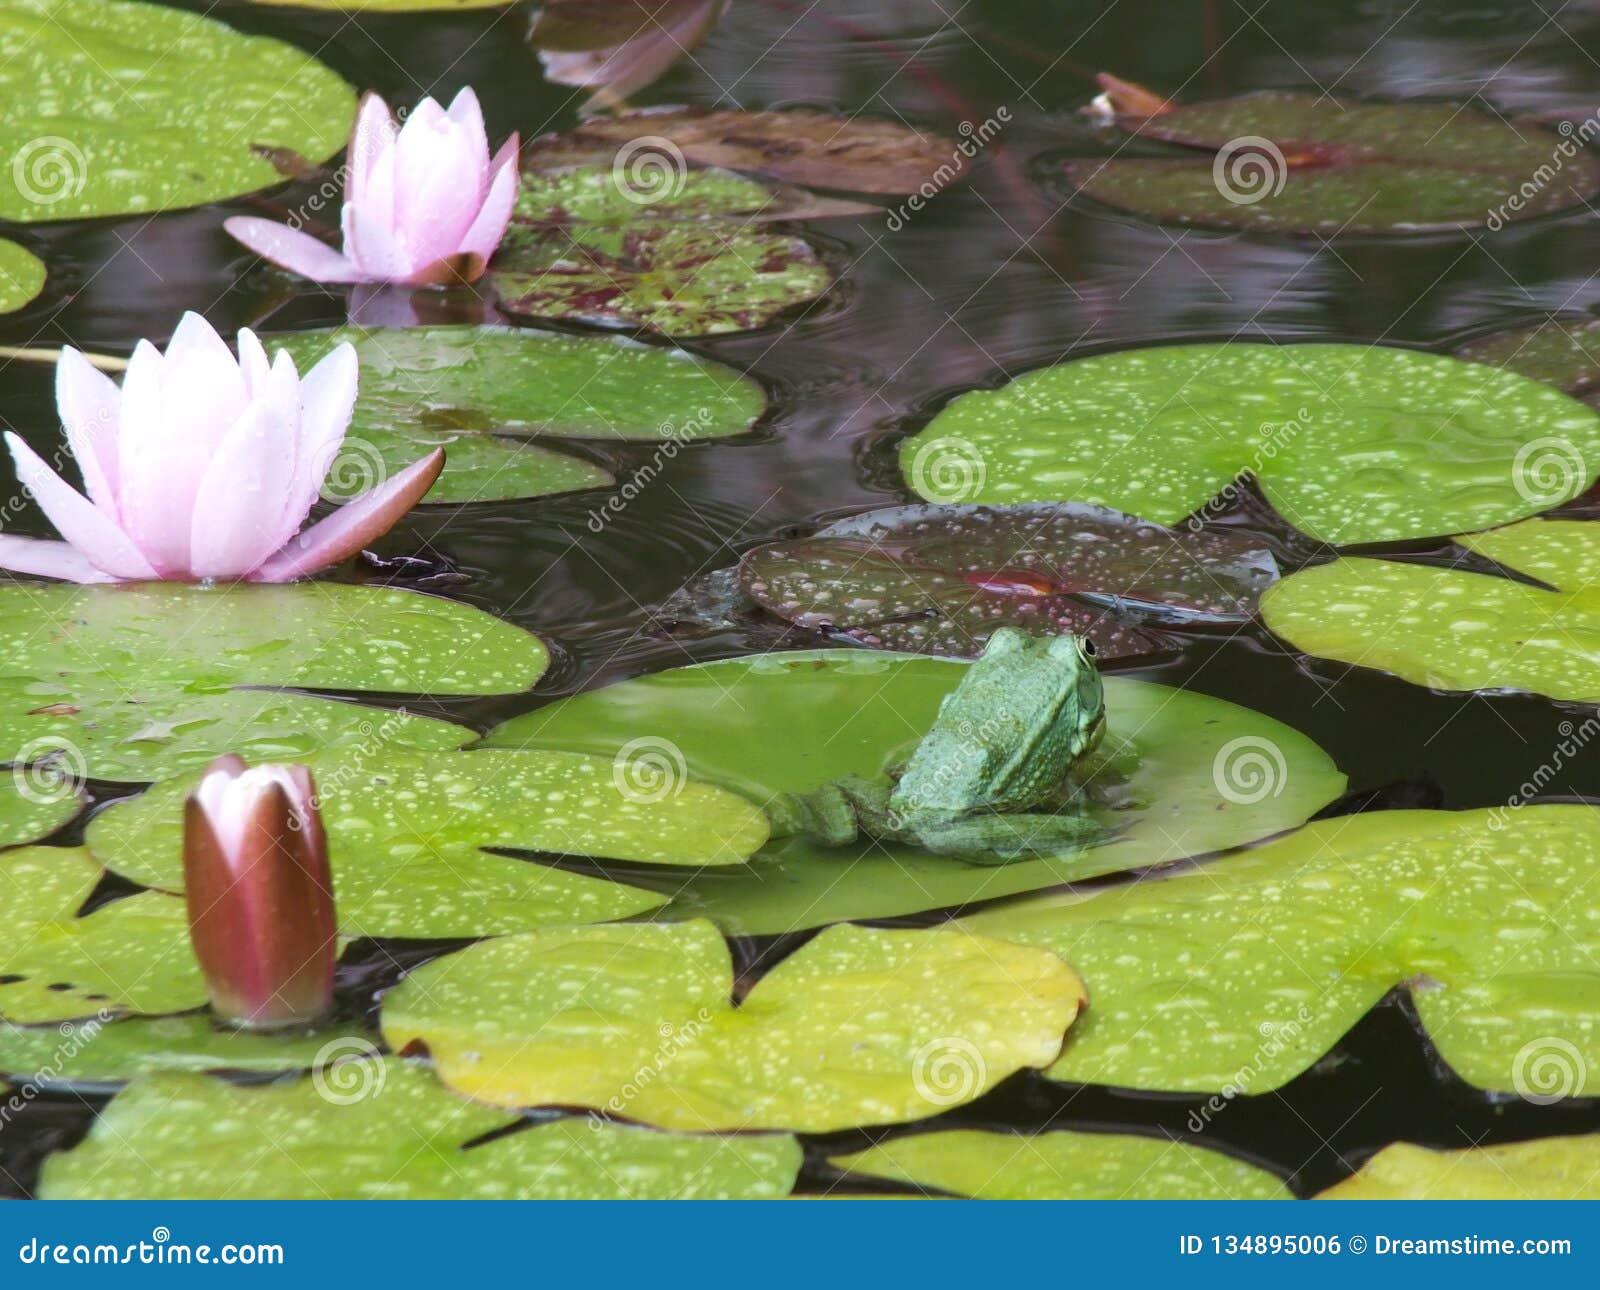 La grenouille offensée a tourné loin Parc avec des lis